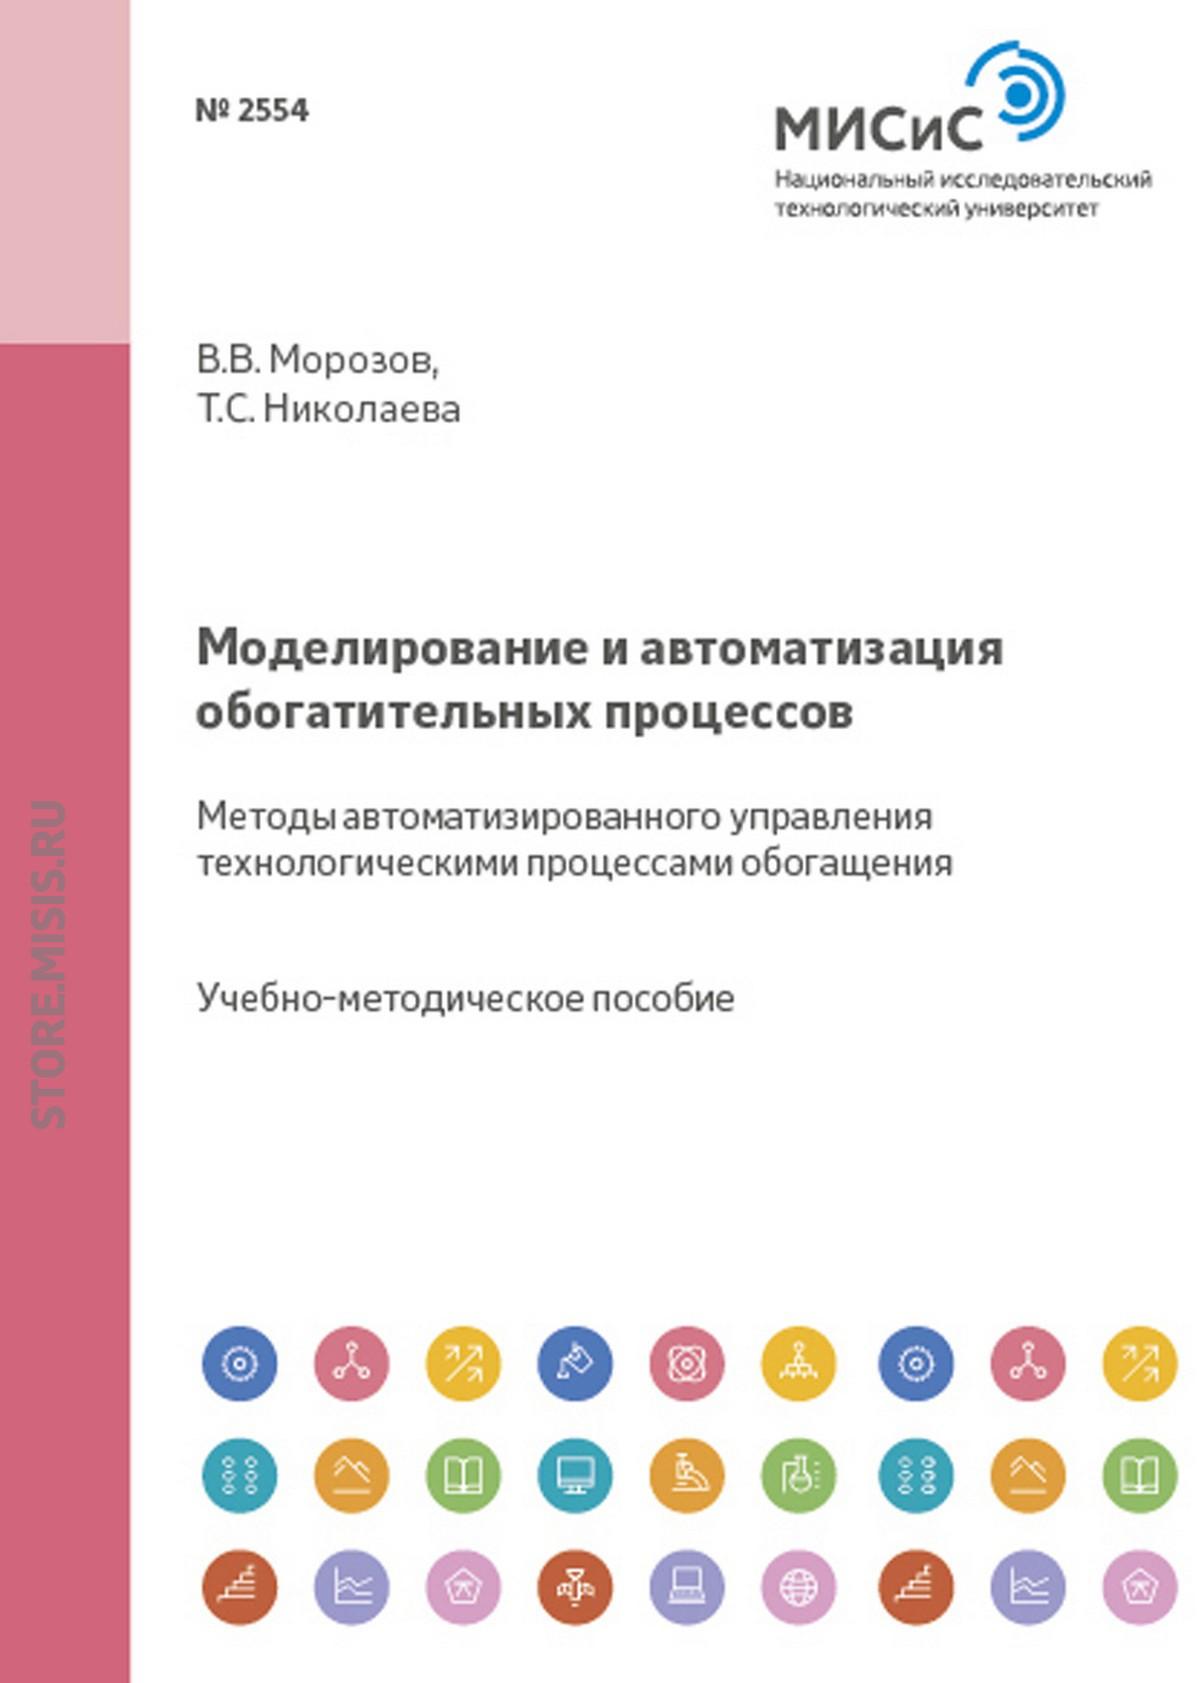 Т. С. Николаева Моделирование и автоматизация обогатительных процессов. Методы автоматизированного управления технологическими процессами обогащения совалов с а автоматизация управления энергообъединениями